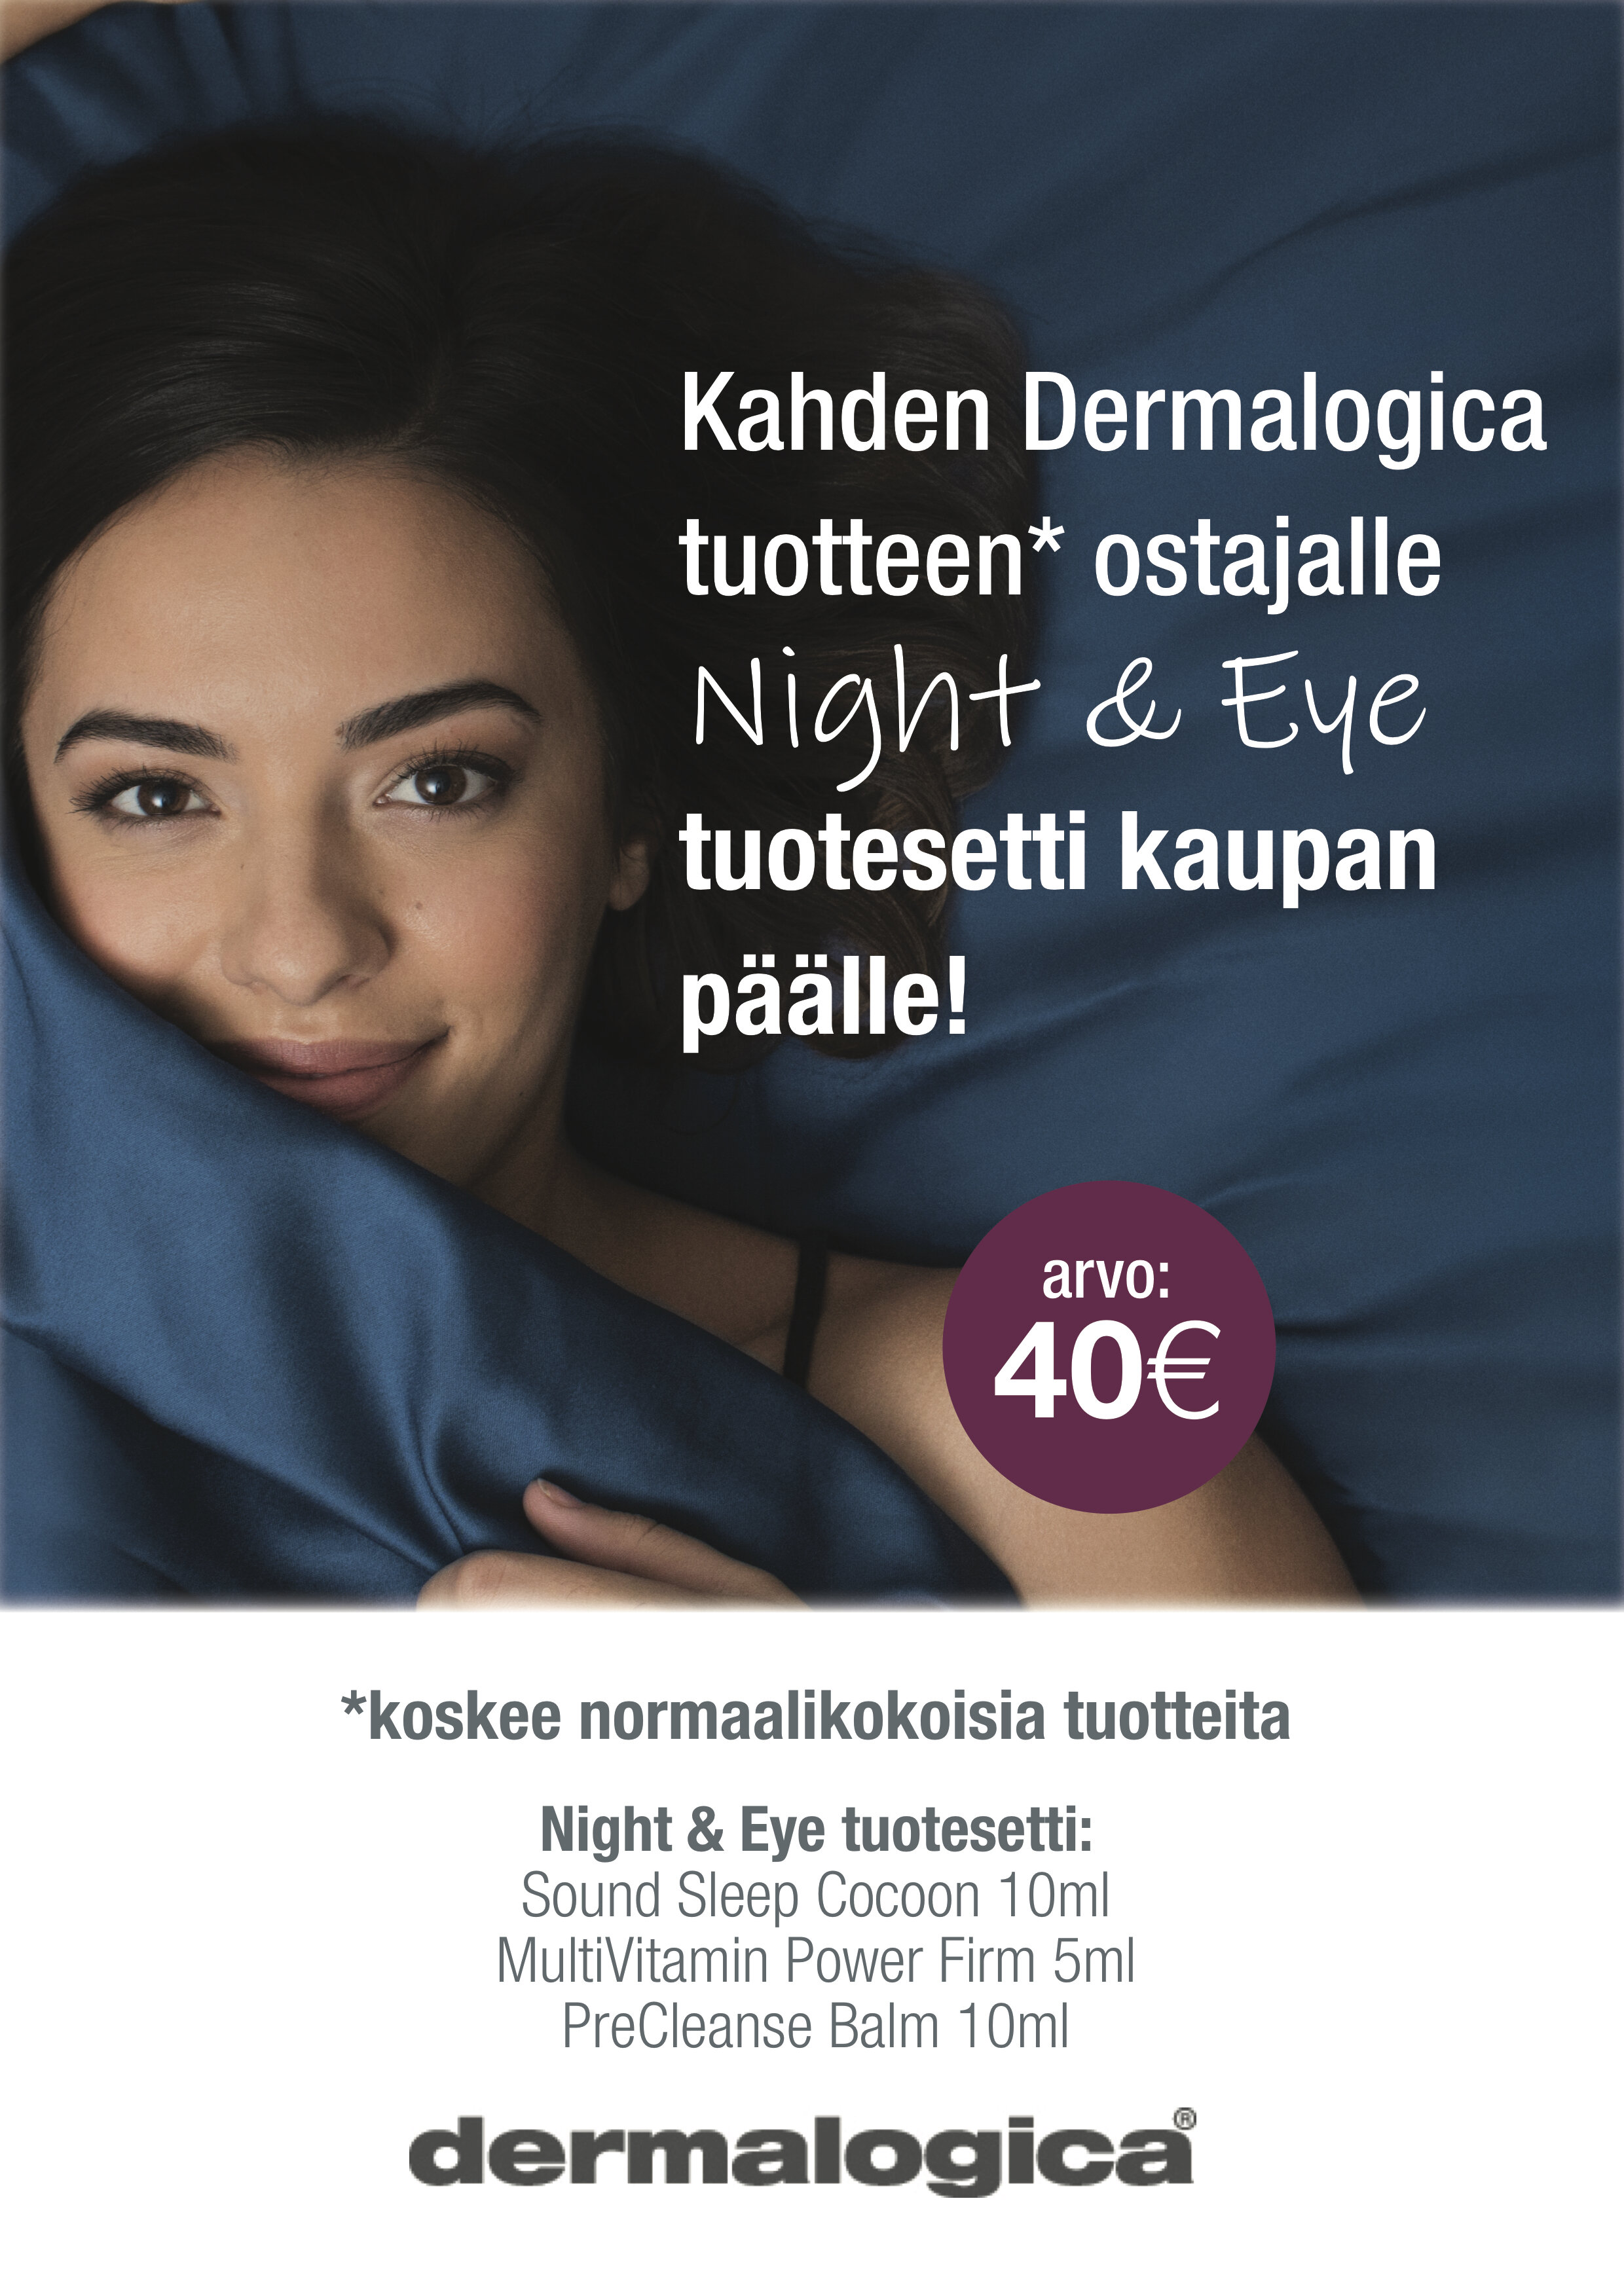 nighteye.jpg